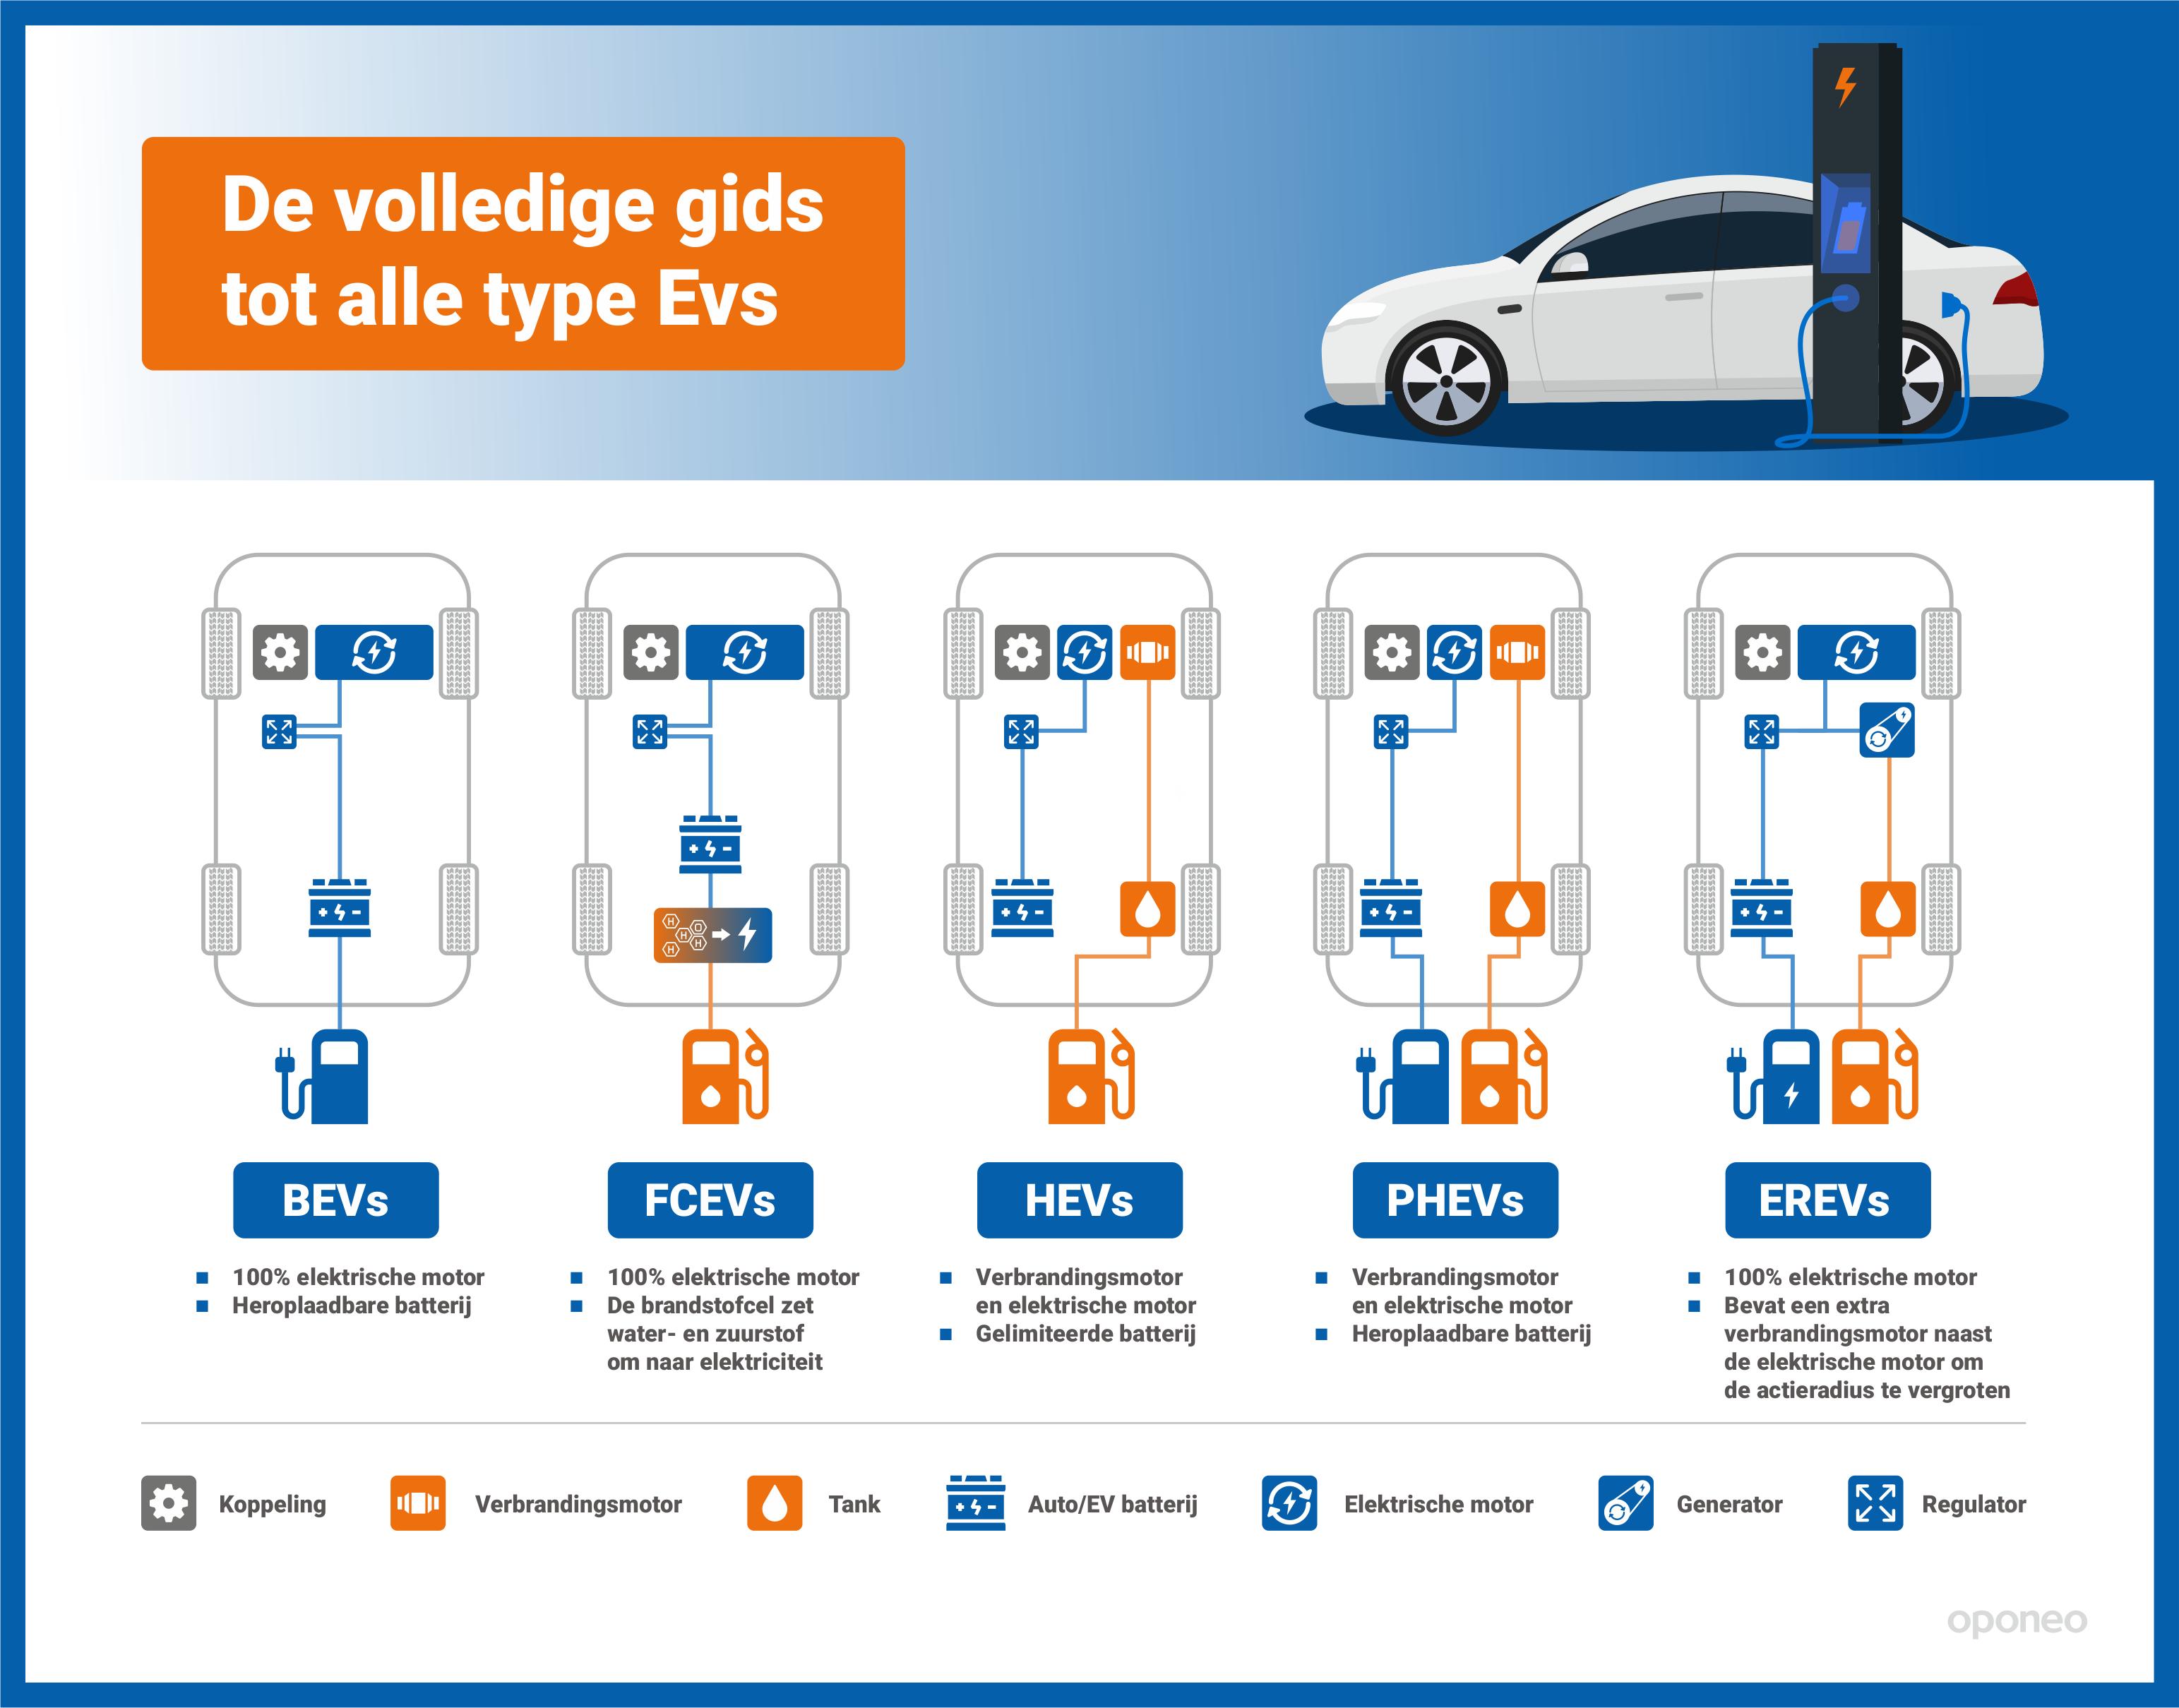 De volledige gids tot alle type EVs | De elektrische auto in Europa; hoe gaat het nou eigenlijk?